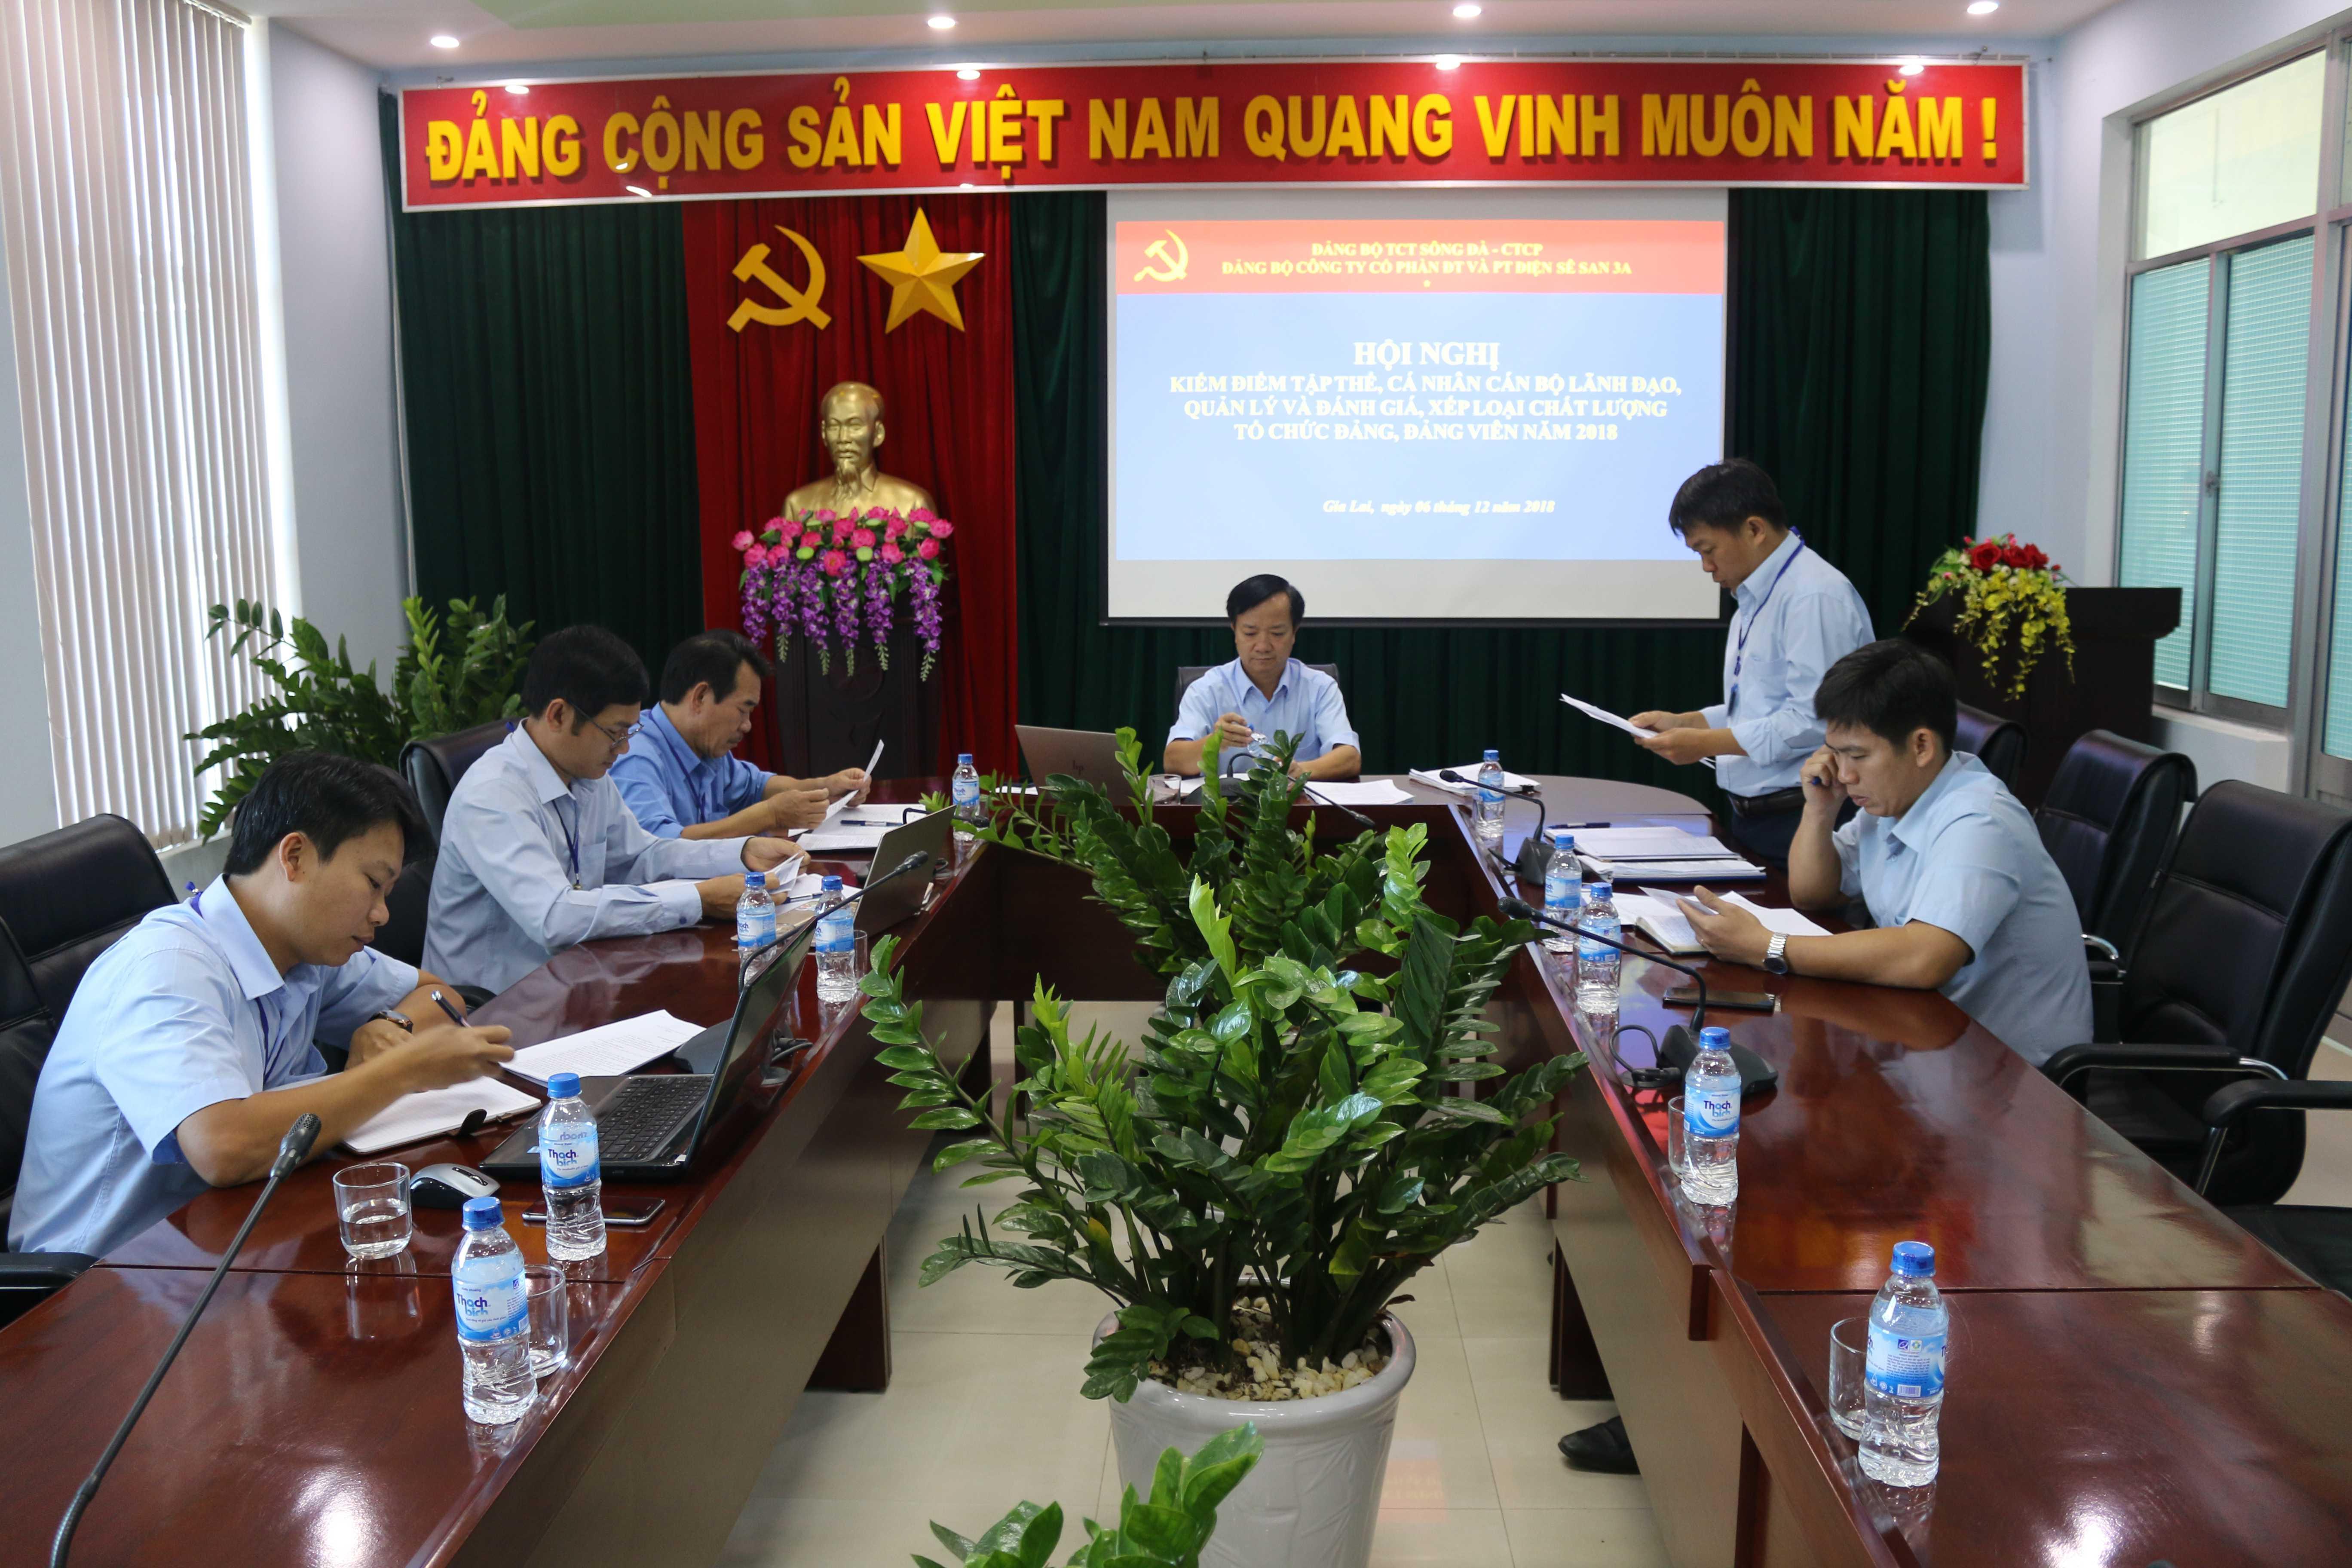 Hội nghị kiểm điểm tập thể, cá nhân cán bộ lãnh đạo, quản lý Công ty và đánh giá, xếp loại chất lượng tổ chức đảng, đảng viên năm 2018.